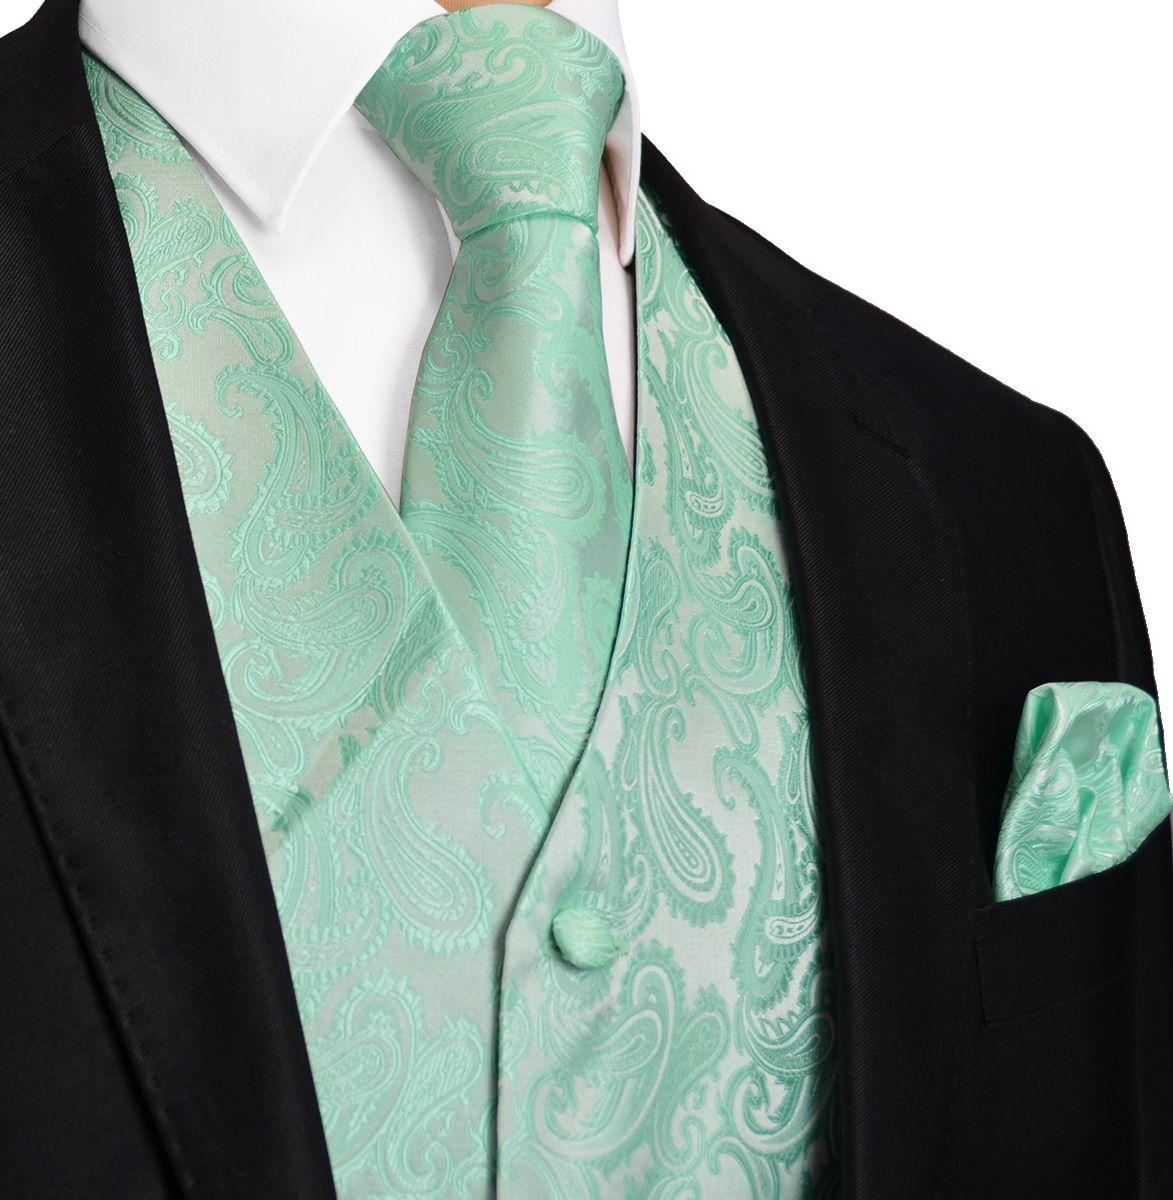 Blue Turquoise Paisley Tuxedo Vest Set | Alaina Wedding | Pinterest ...